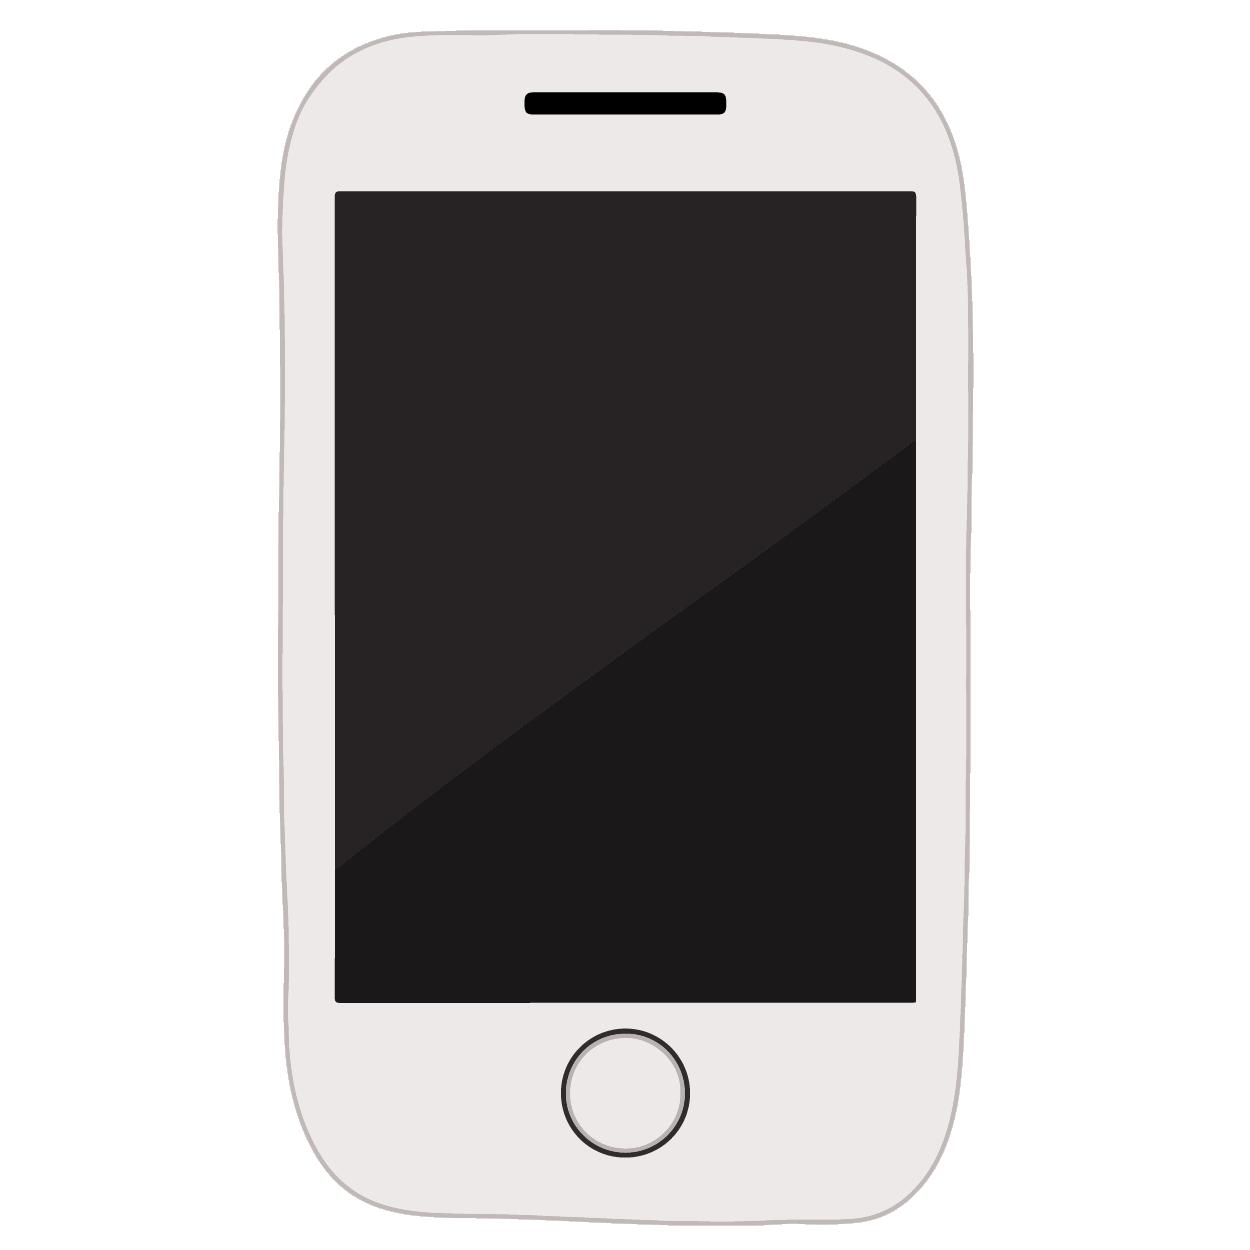 スマートフォン/携帯電話(白・ホワイト)のイラスト | 商用フリー